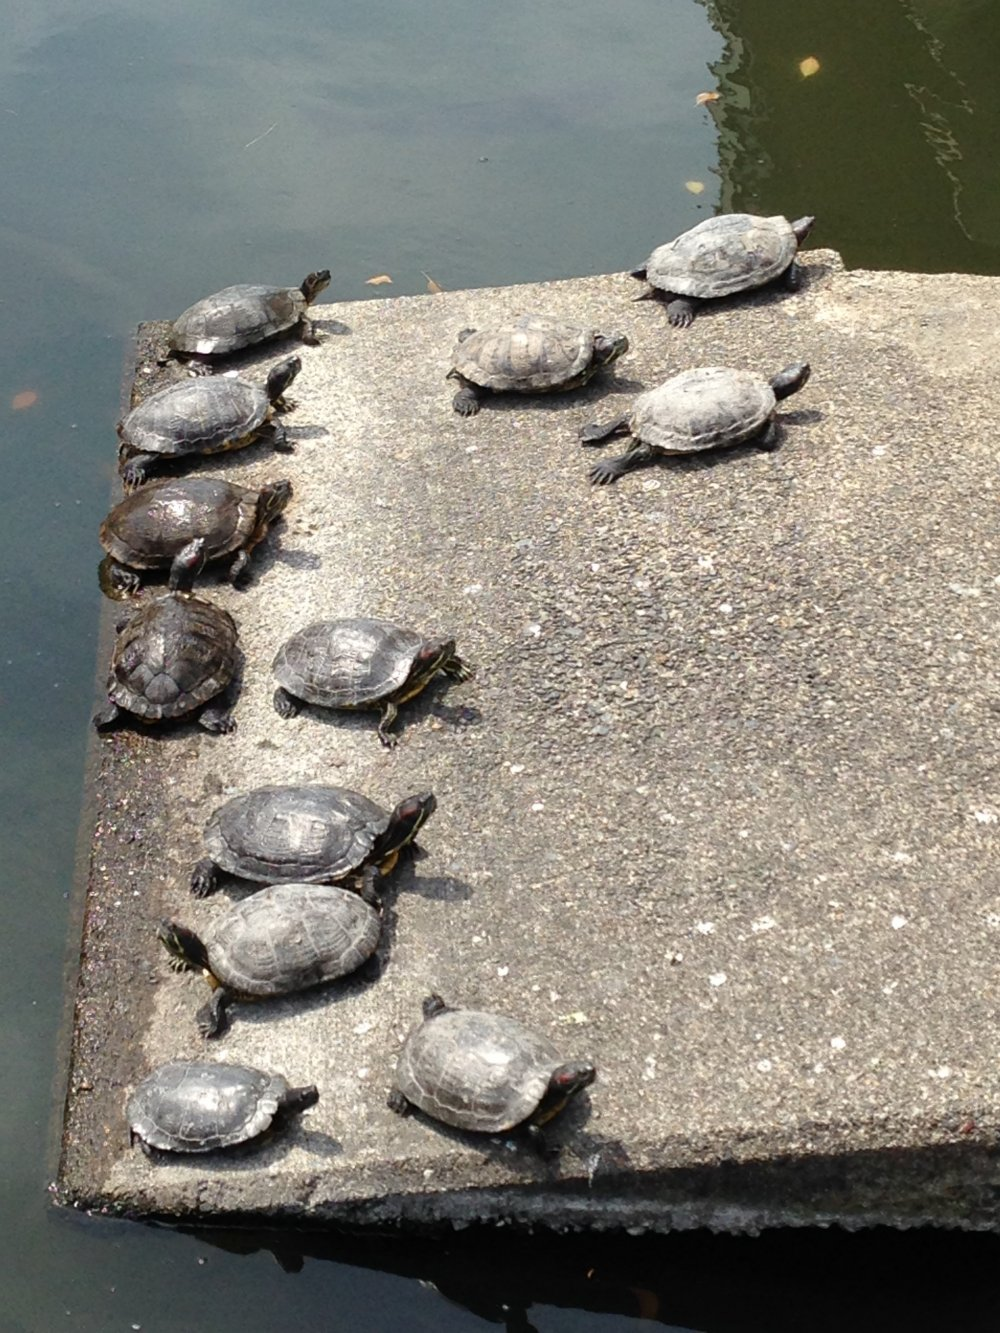 Красавицы черепахи вылезли погреться на солнышке